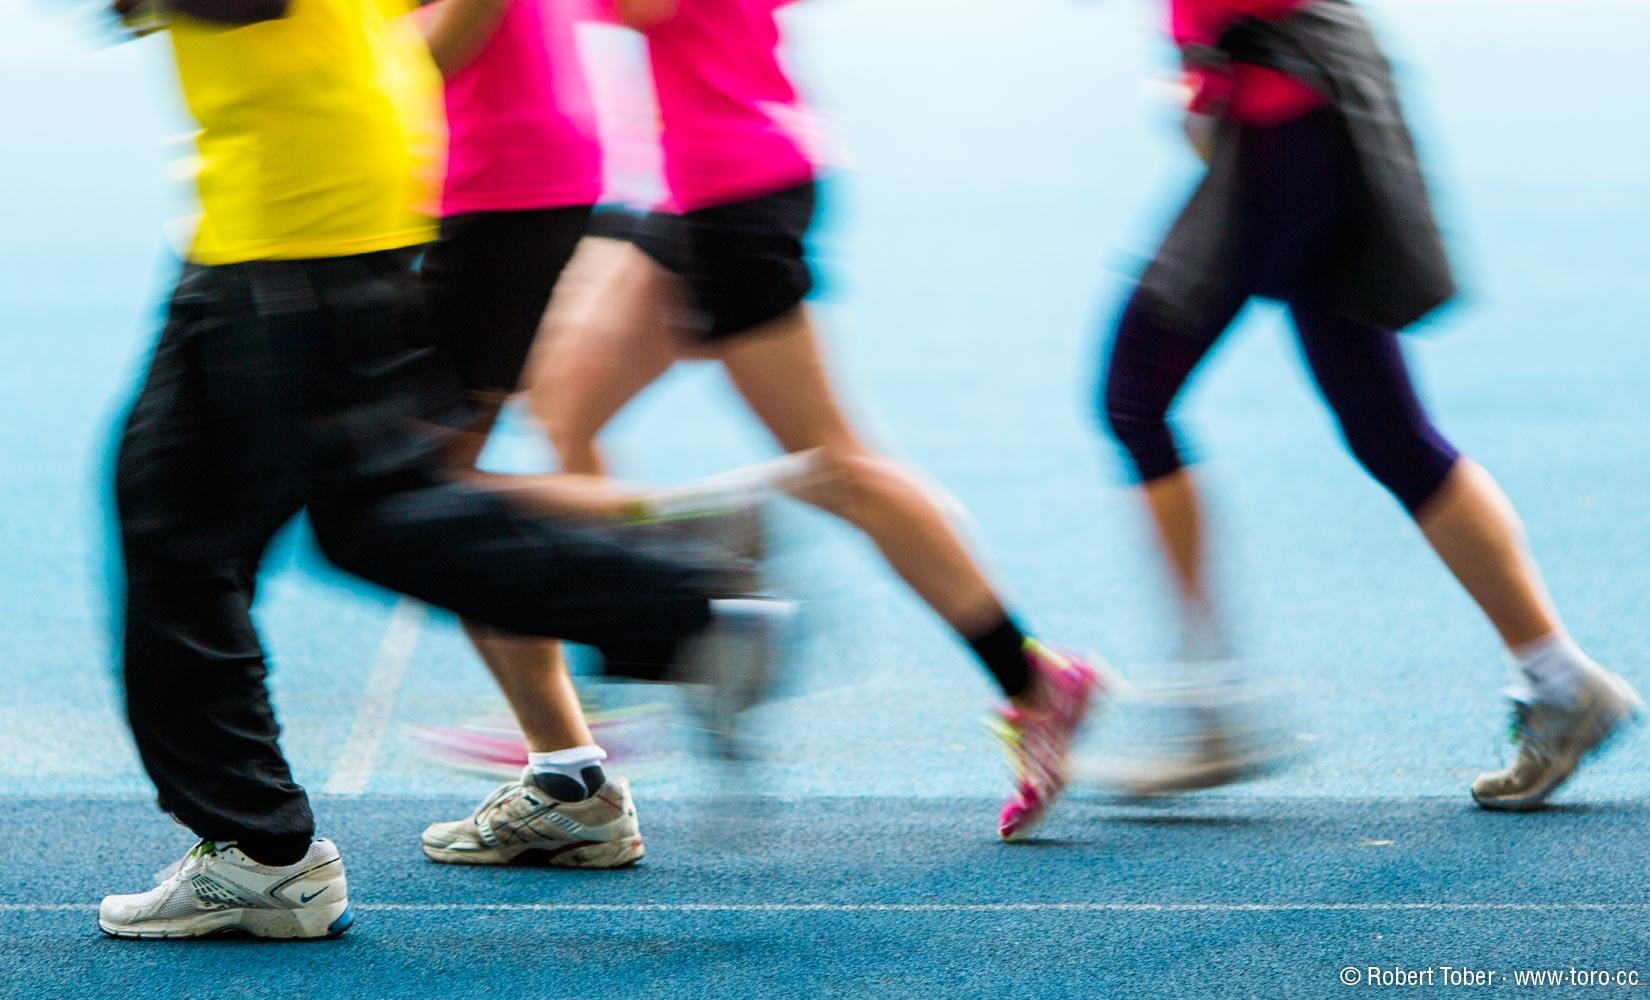 Hoyer-Brandschutz Laufteam beim Business Run © www.toro.cc